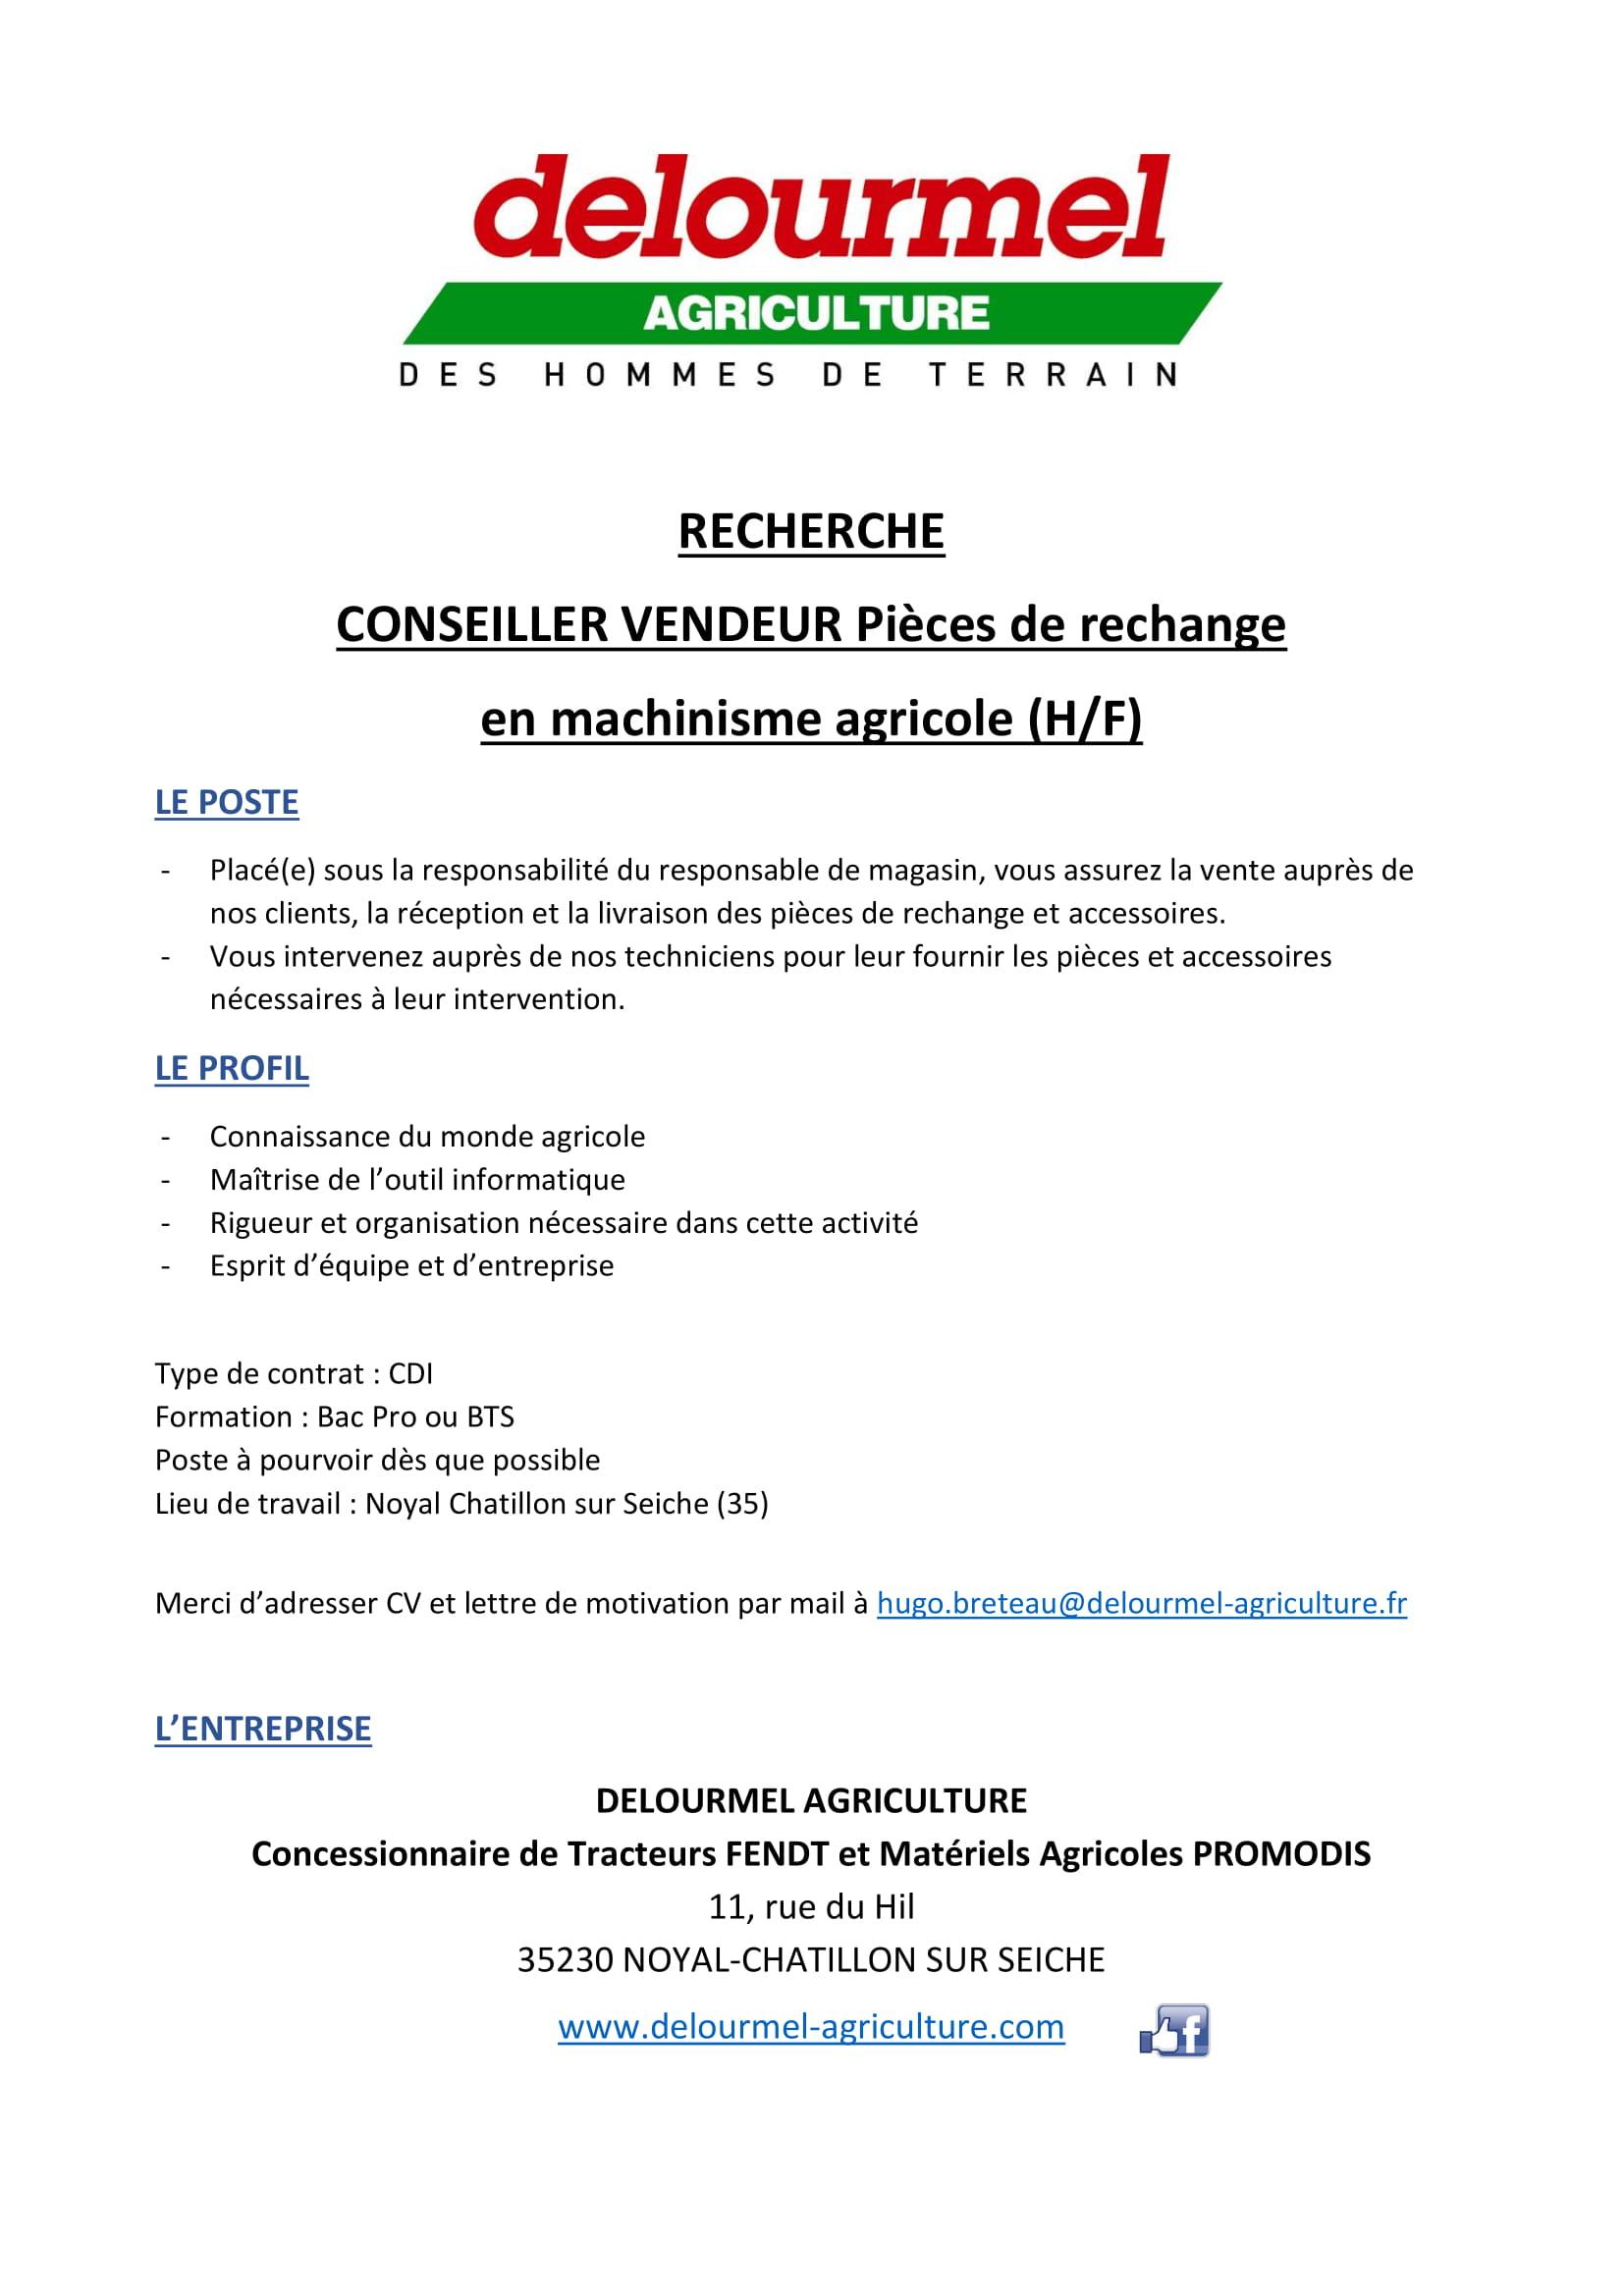 DELOURMEL AGRICULTURE RECRUTE!